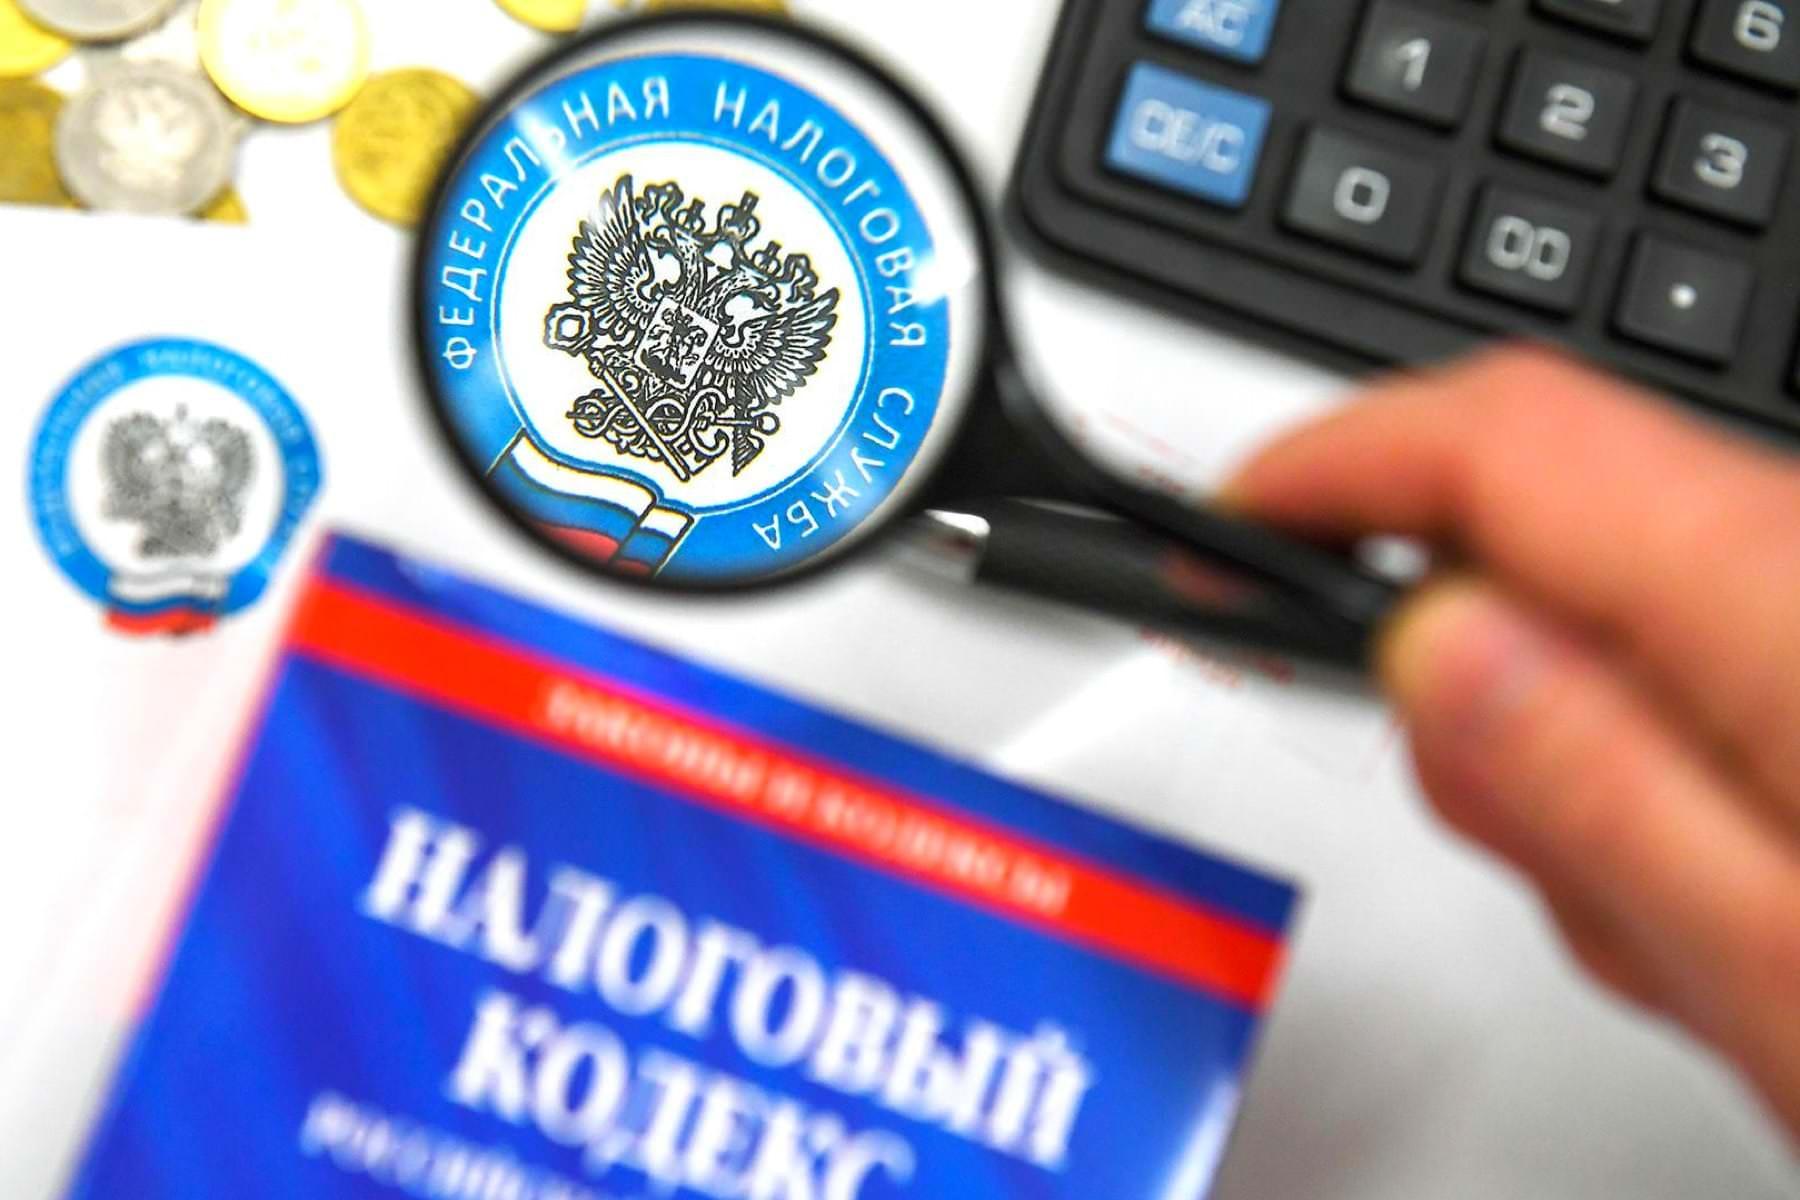 ФНС заявила, что блогерам не нужно платить налоги с доходов дважды по законам и РФ, и США